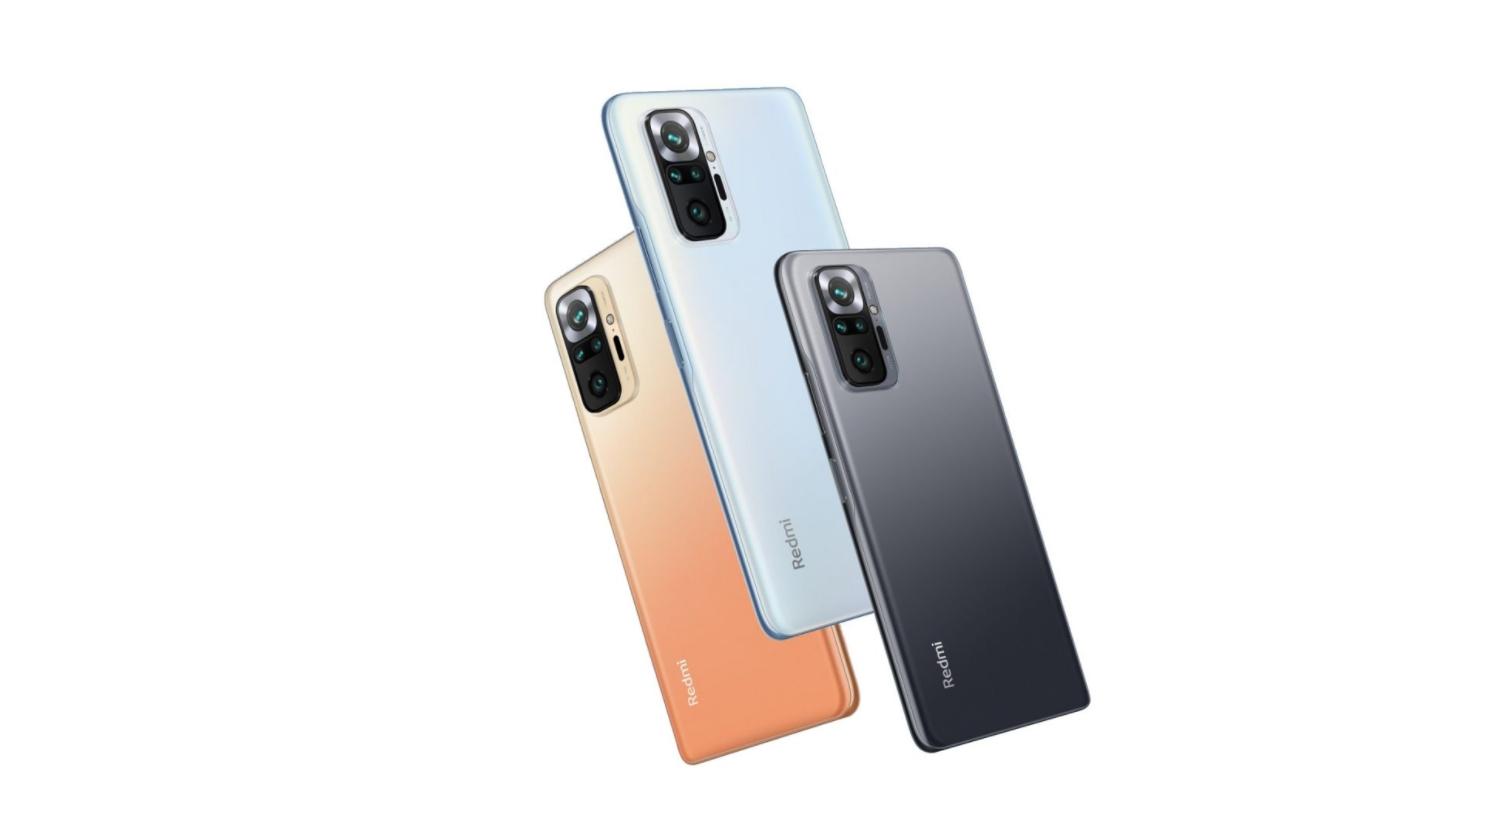 Redmi představilo Note 10, Note 10 Pro a Note 10 Pro Max